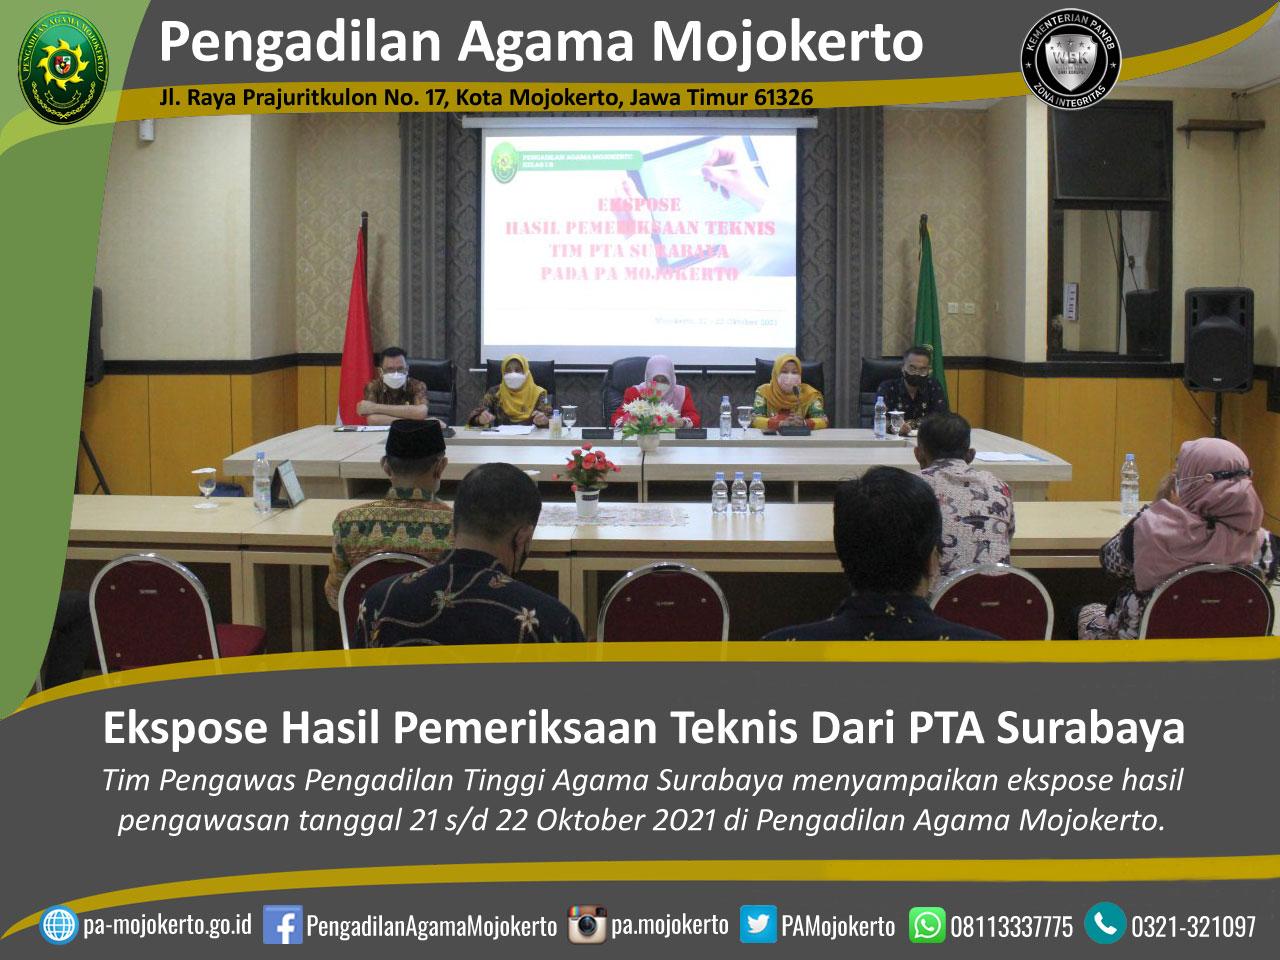 Pembinaan dan Ekspose Hasil Pemeriksaan Teknis serta Administrasi Yustisial di PA Mojokerto | (26/10)